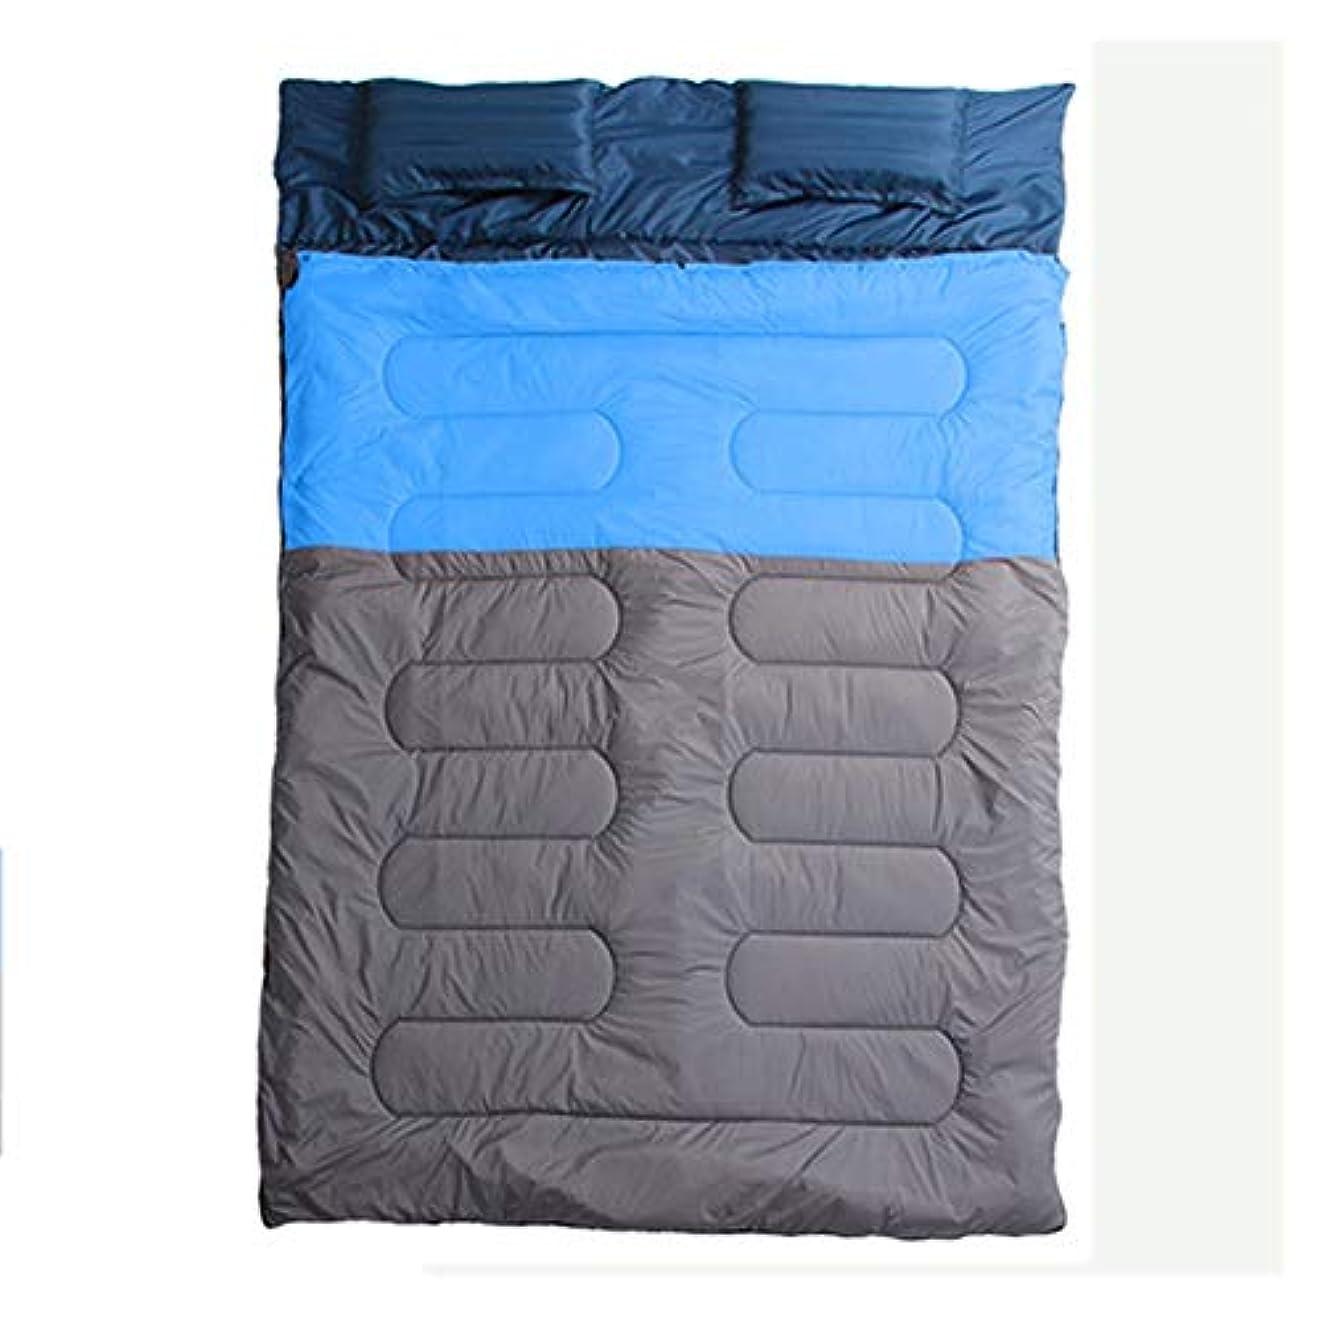 ZXF カップルダブル寝袋広げ厚い暖かい屋外キャンプ屋内ランチ休憩大人ダブルコットン寝袋 暖かくて快適です (色 : Blue, Size : 2.2kg)